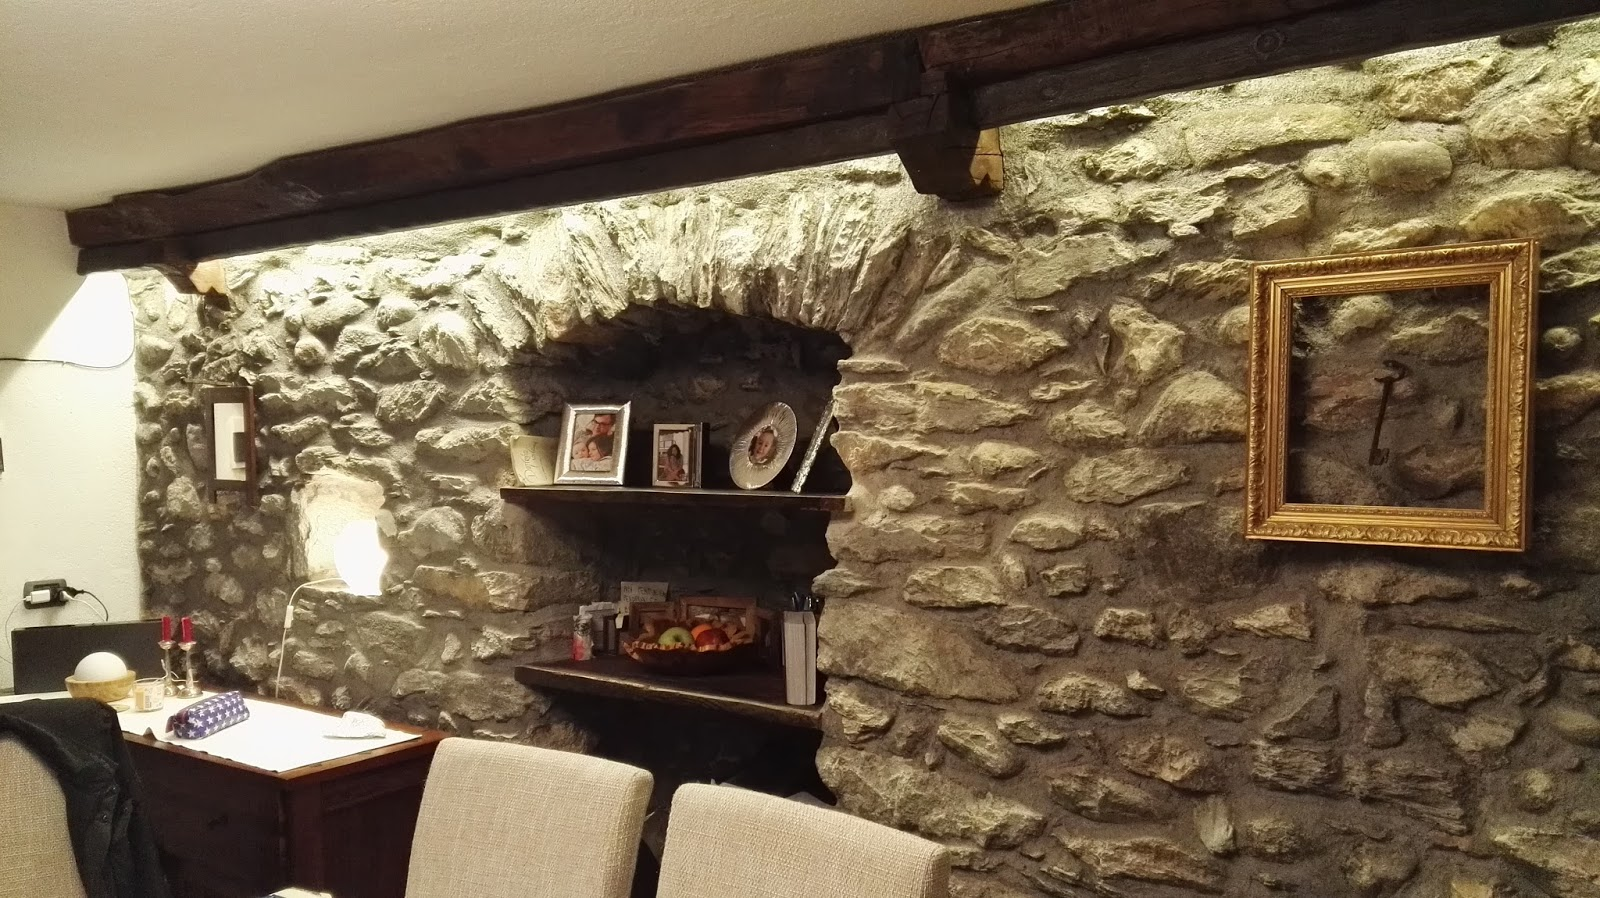 Illuminazione Led casa: Aosta – Illuminazione Led in un appartamento